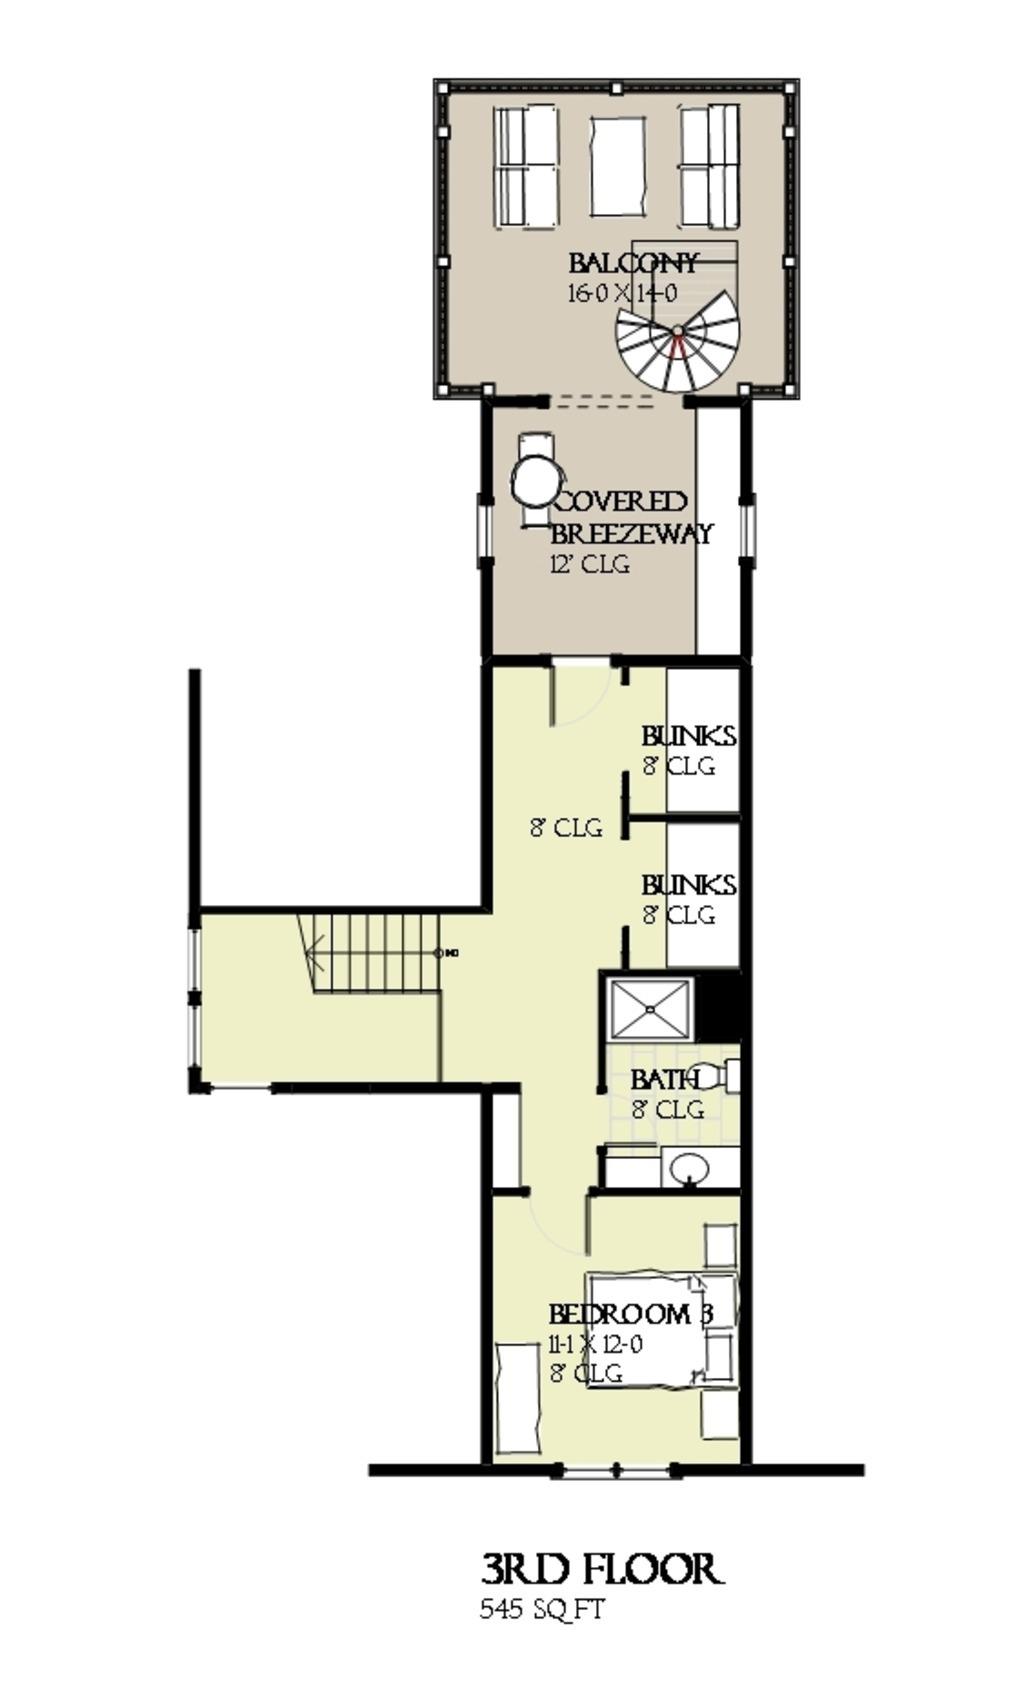 บ้านสวย 3 ชั้น สไตล์คอทเทจ สวยหรูหราอลังการ    รูปที่ 17